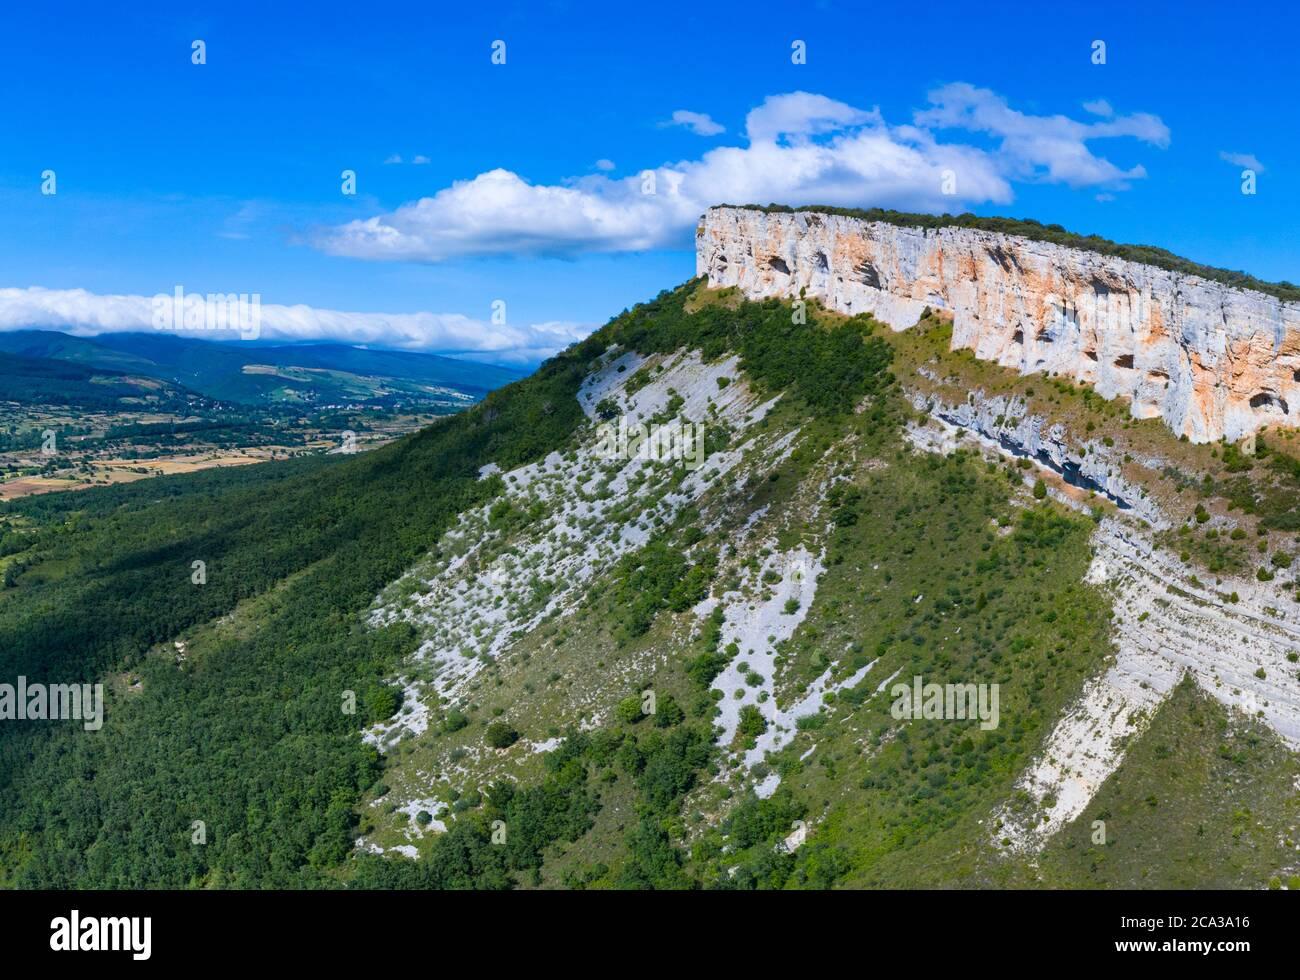 Landscape in Hornillalatorre. Merindad de Sotoscueva. Comarca de Las Merindades. Burgos province. Community of Castilla y León. Spain, Europe. Stock Photo